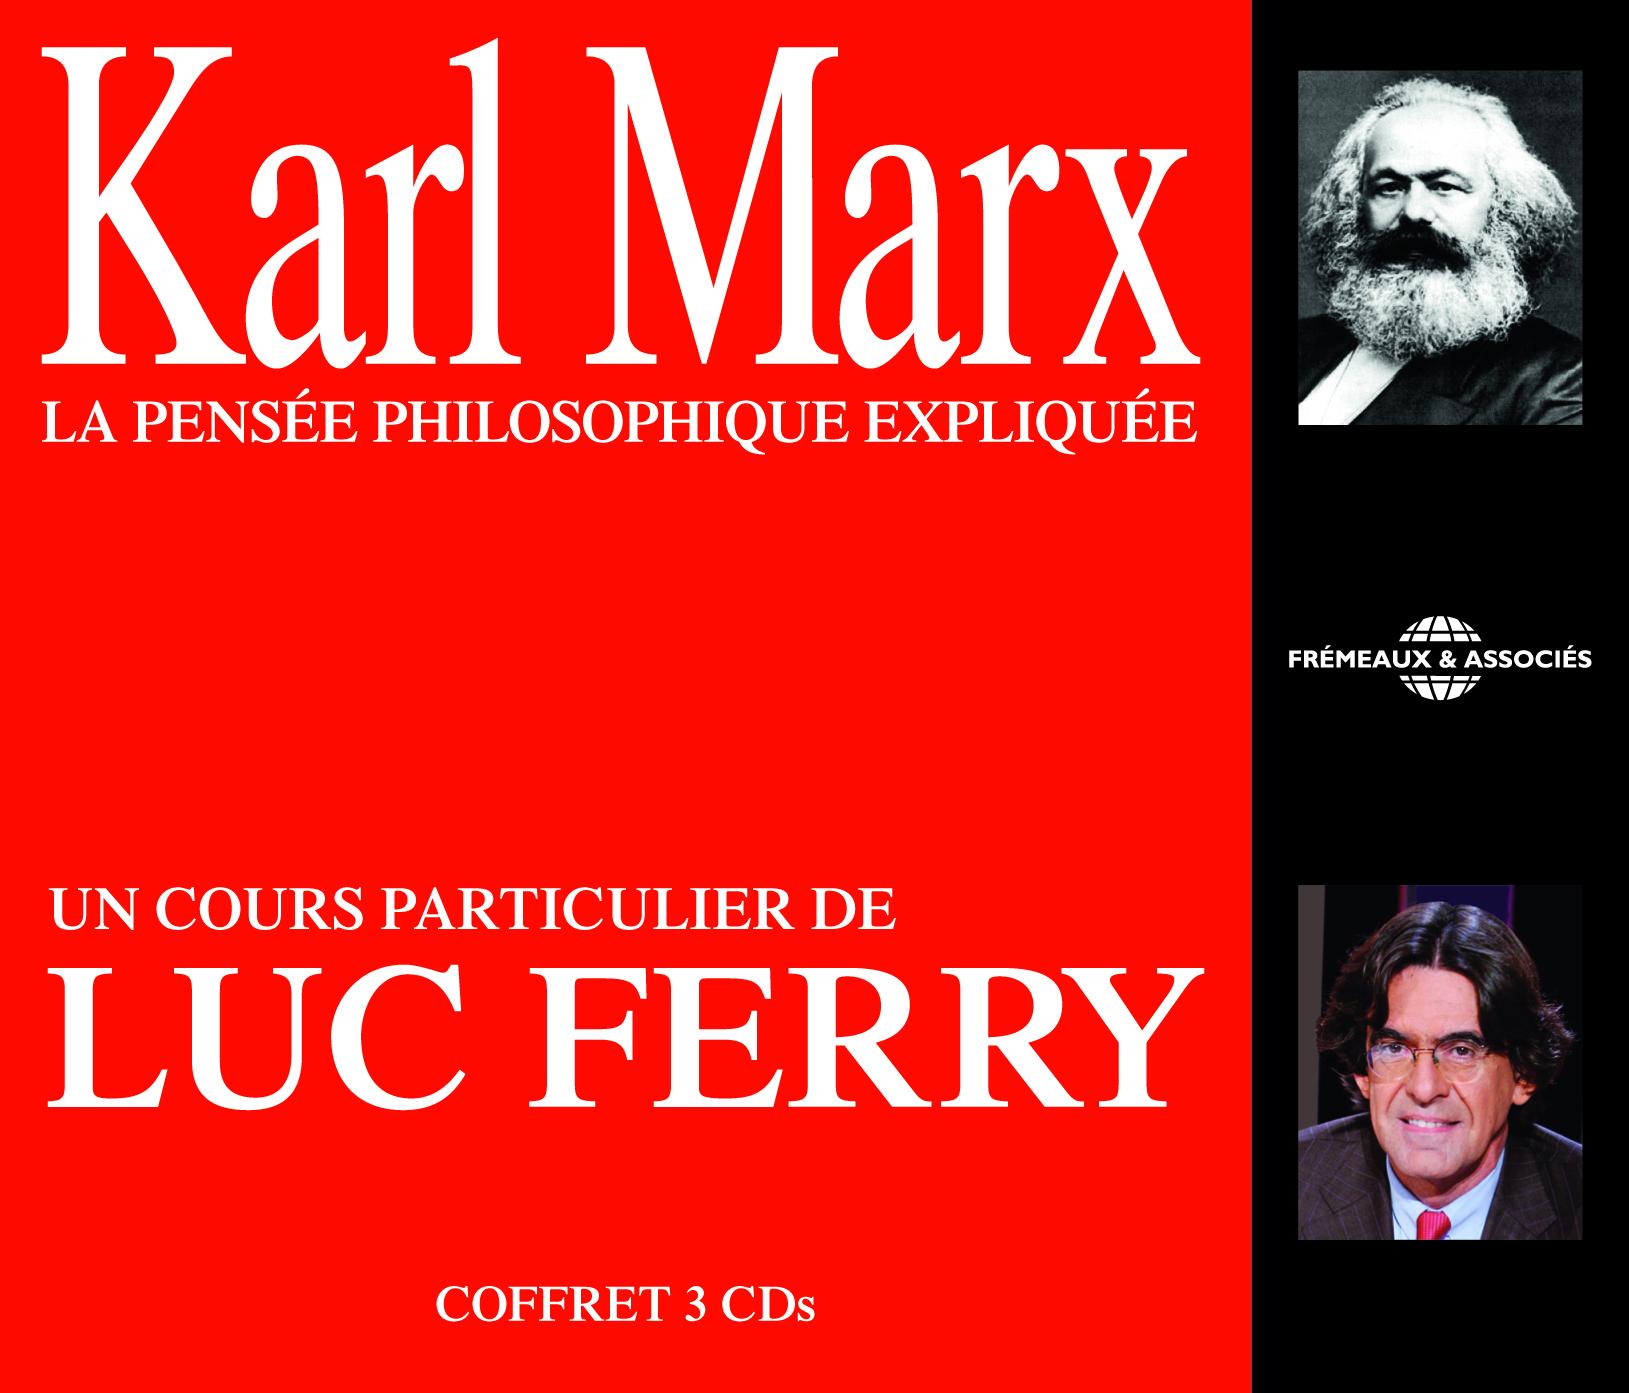 KARL MARX LA PENSEE PHILOSOPHIQUE EXPLIQUEE - UN COURS PARTICULIER DE LUC FERRY EN 3 CD AUDIO